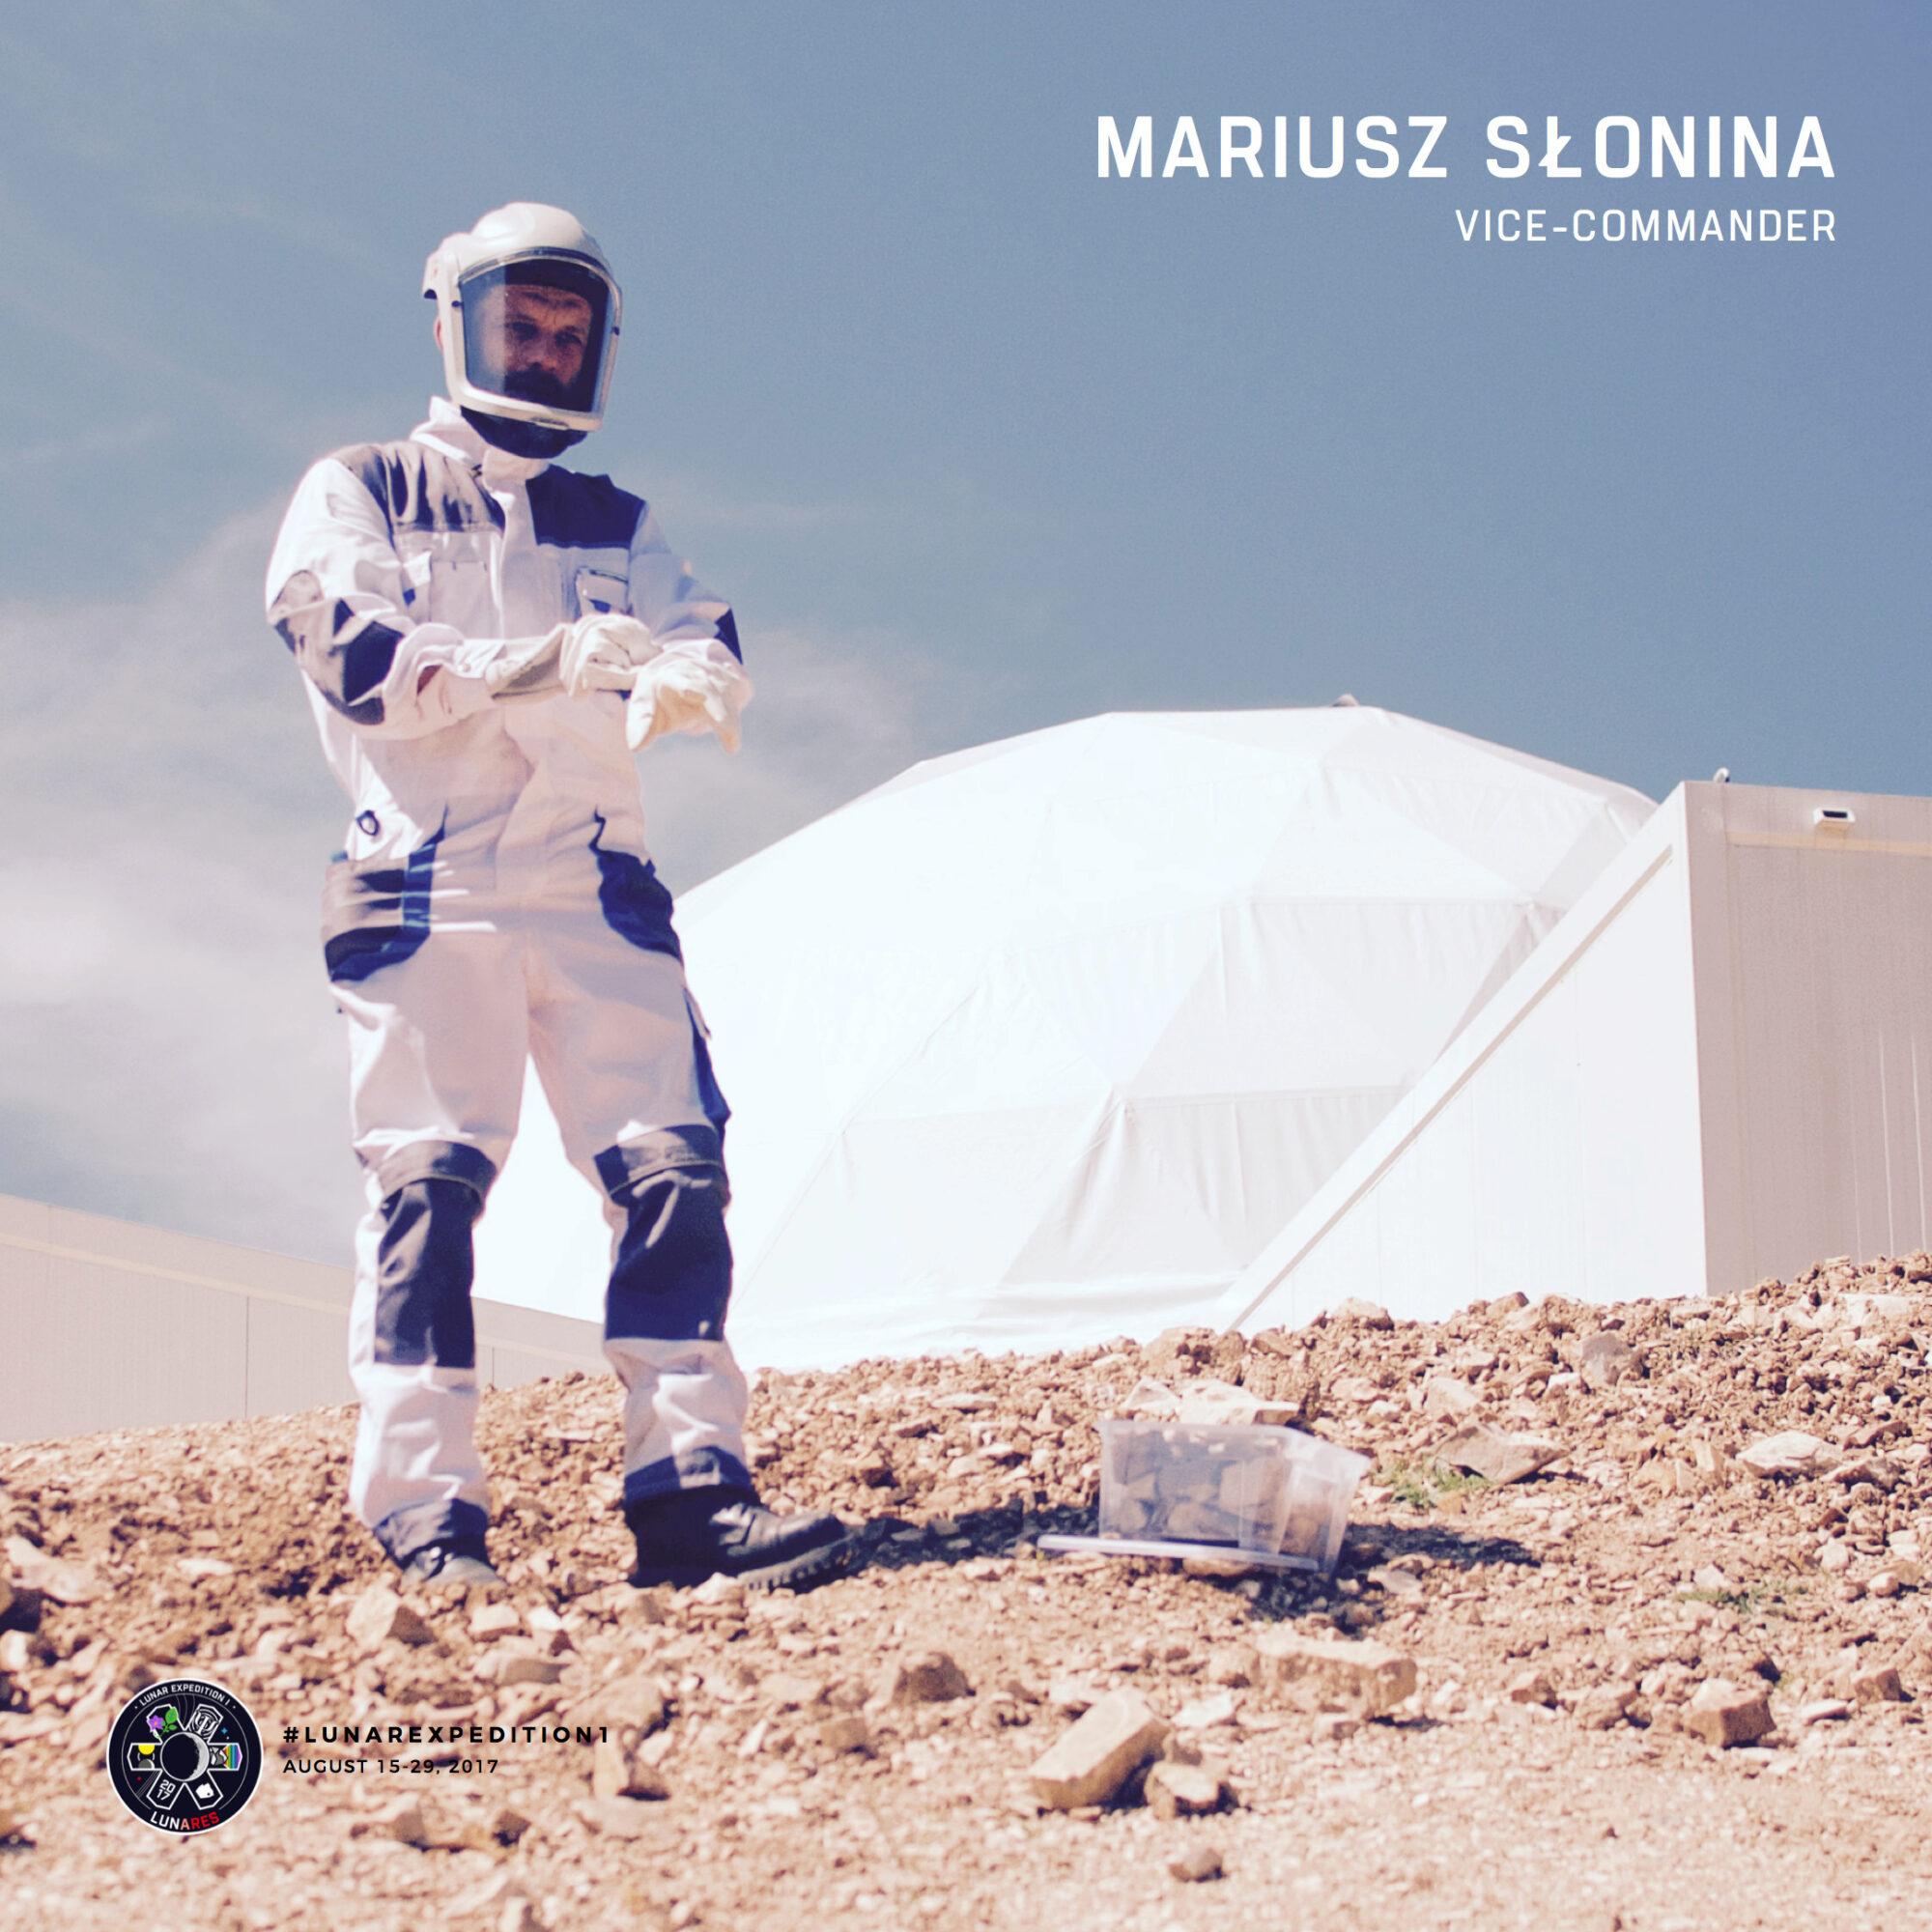 lunar-expedition-01/mslonina-profile.jpg